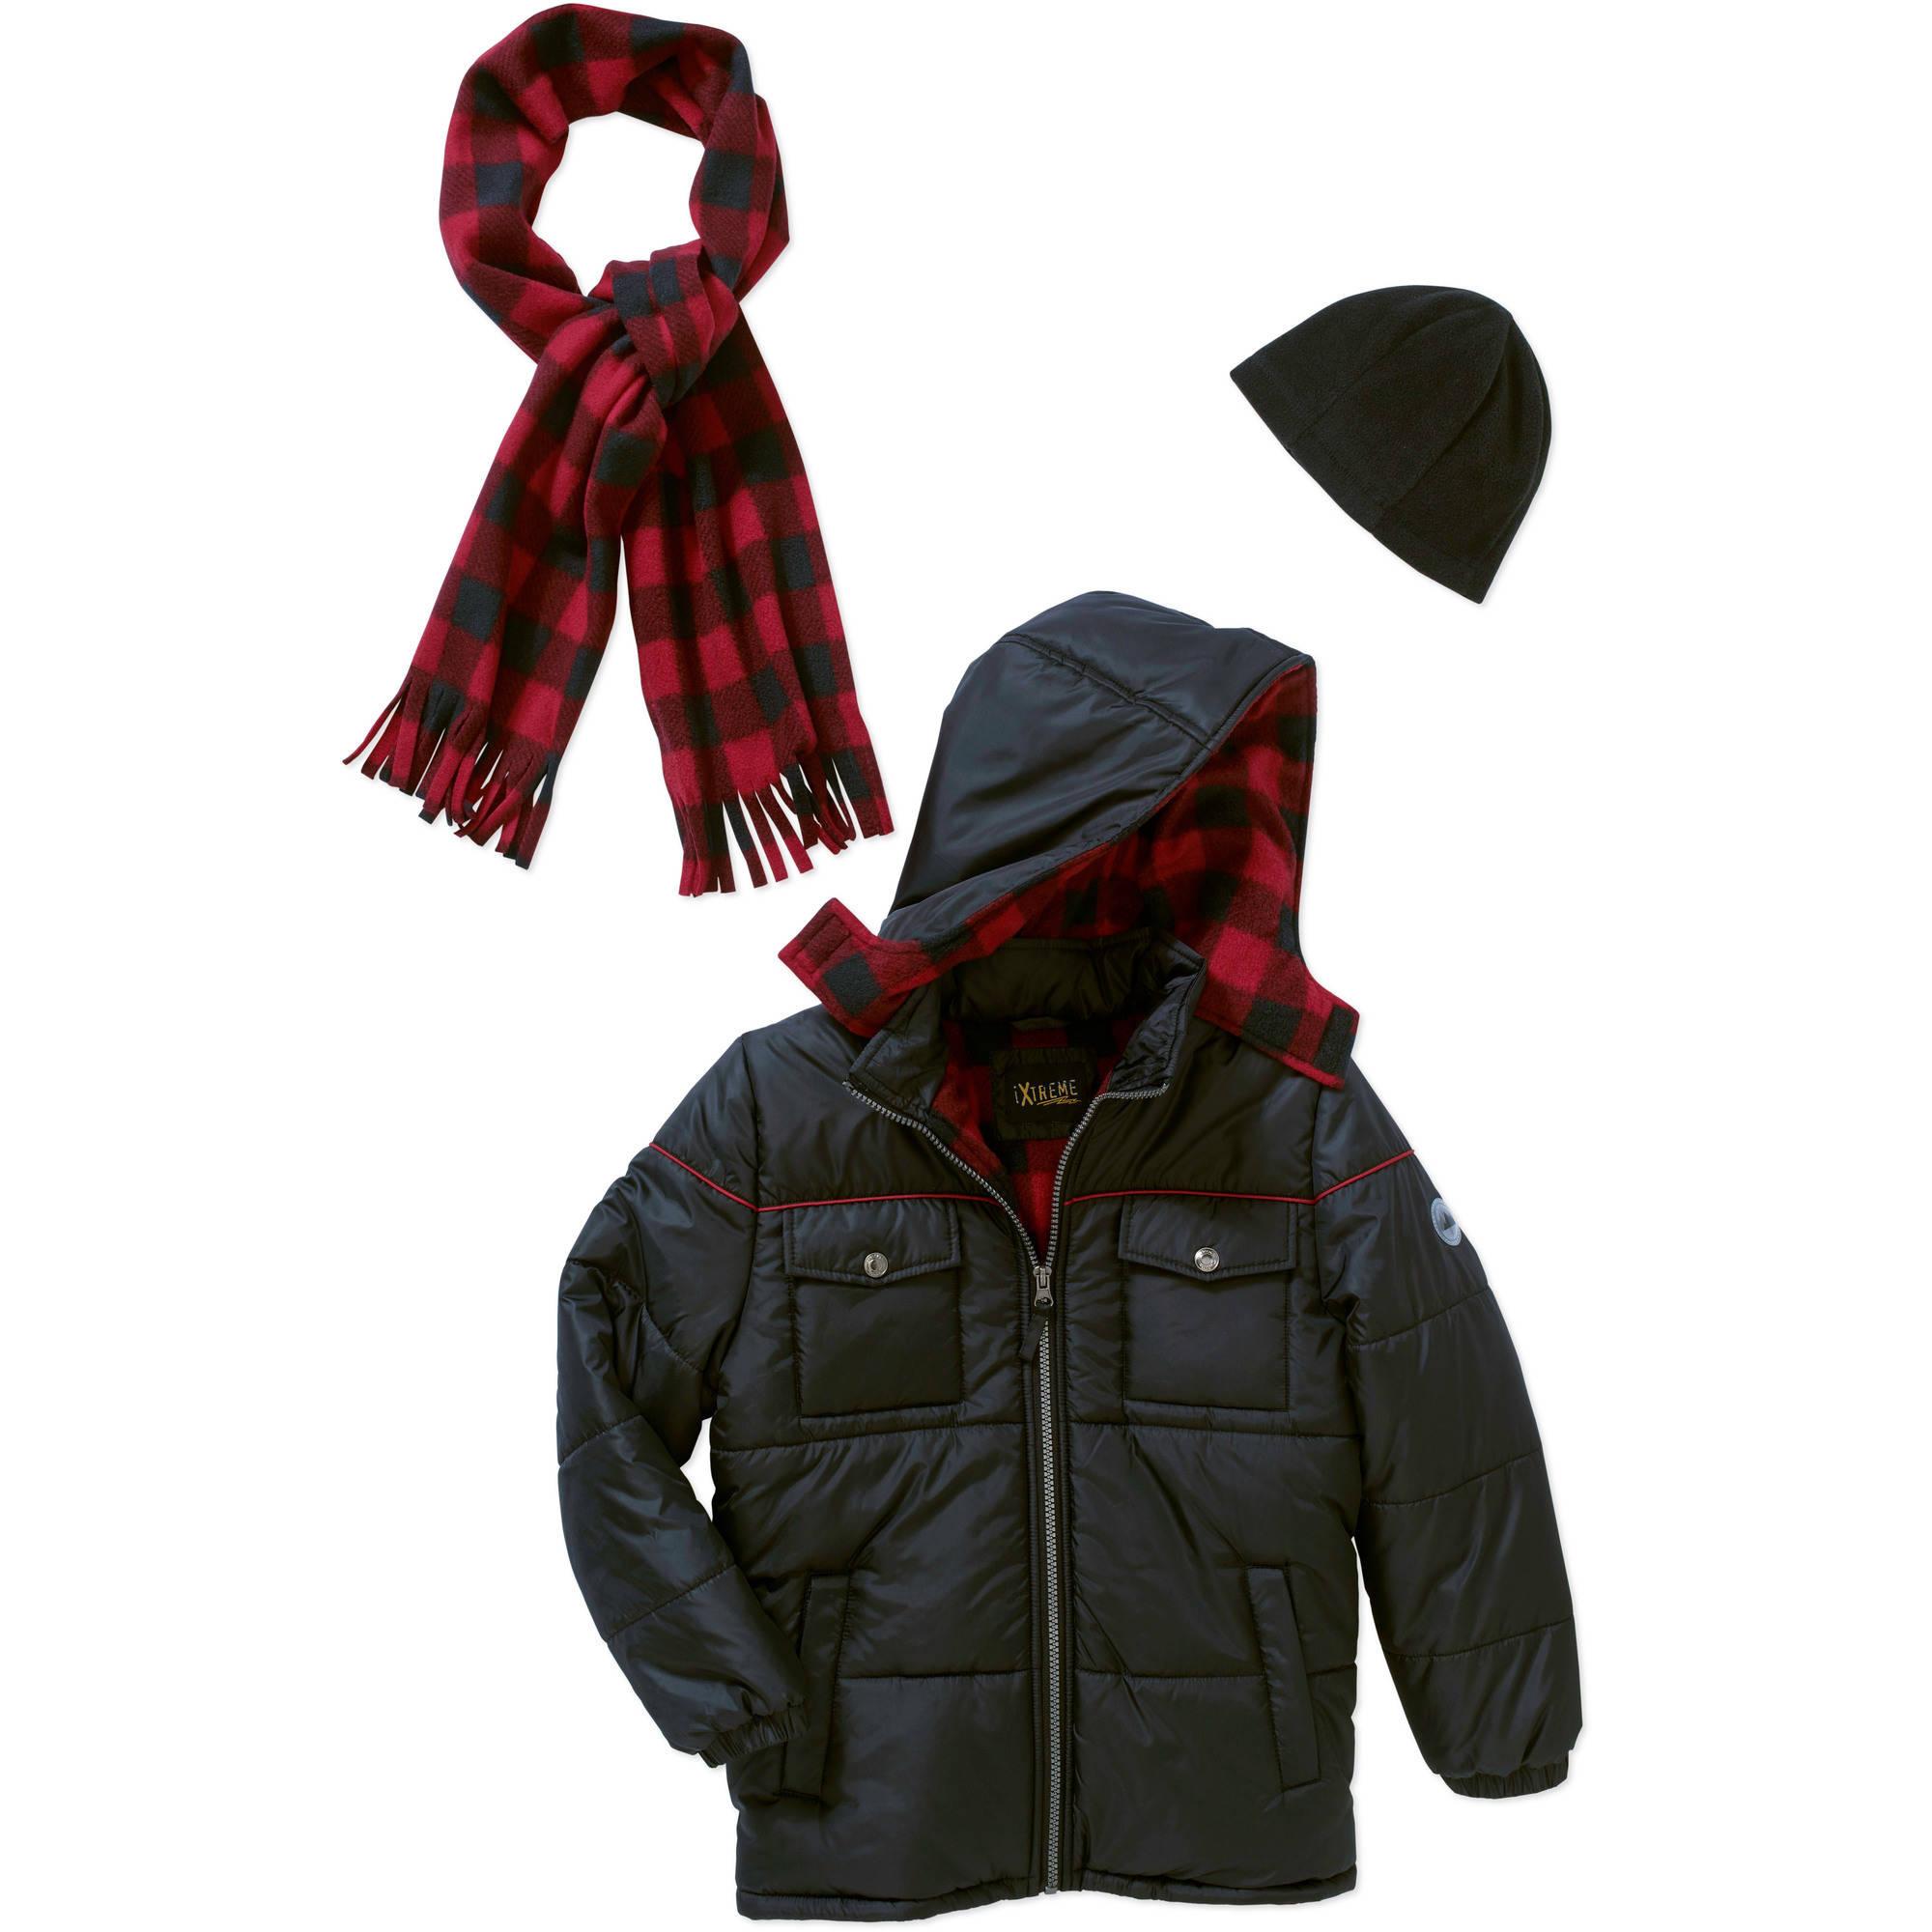 iXtreme Boys' Bubble Jacket with Bonus Scarf & Hat